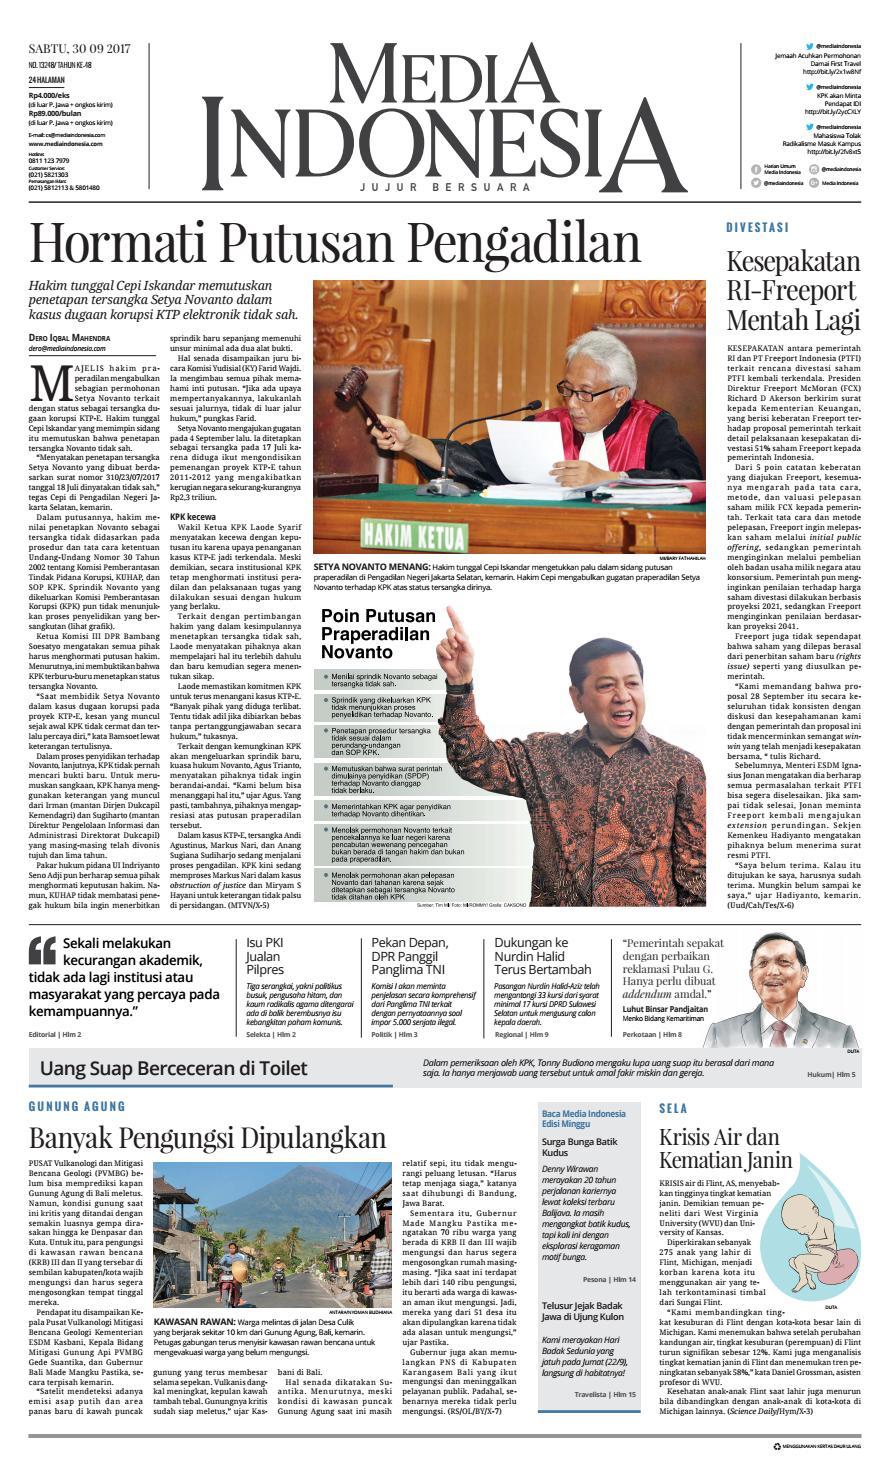 Media Indonesia 30 09 2017 30092017012909 By Oppah Issuu Keripik Tahu Alip Bintang Terang Pgp